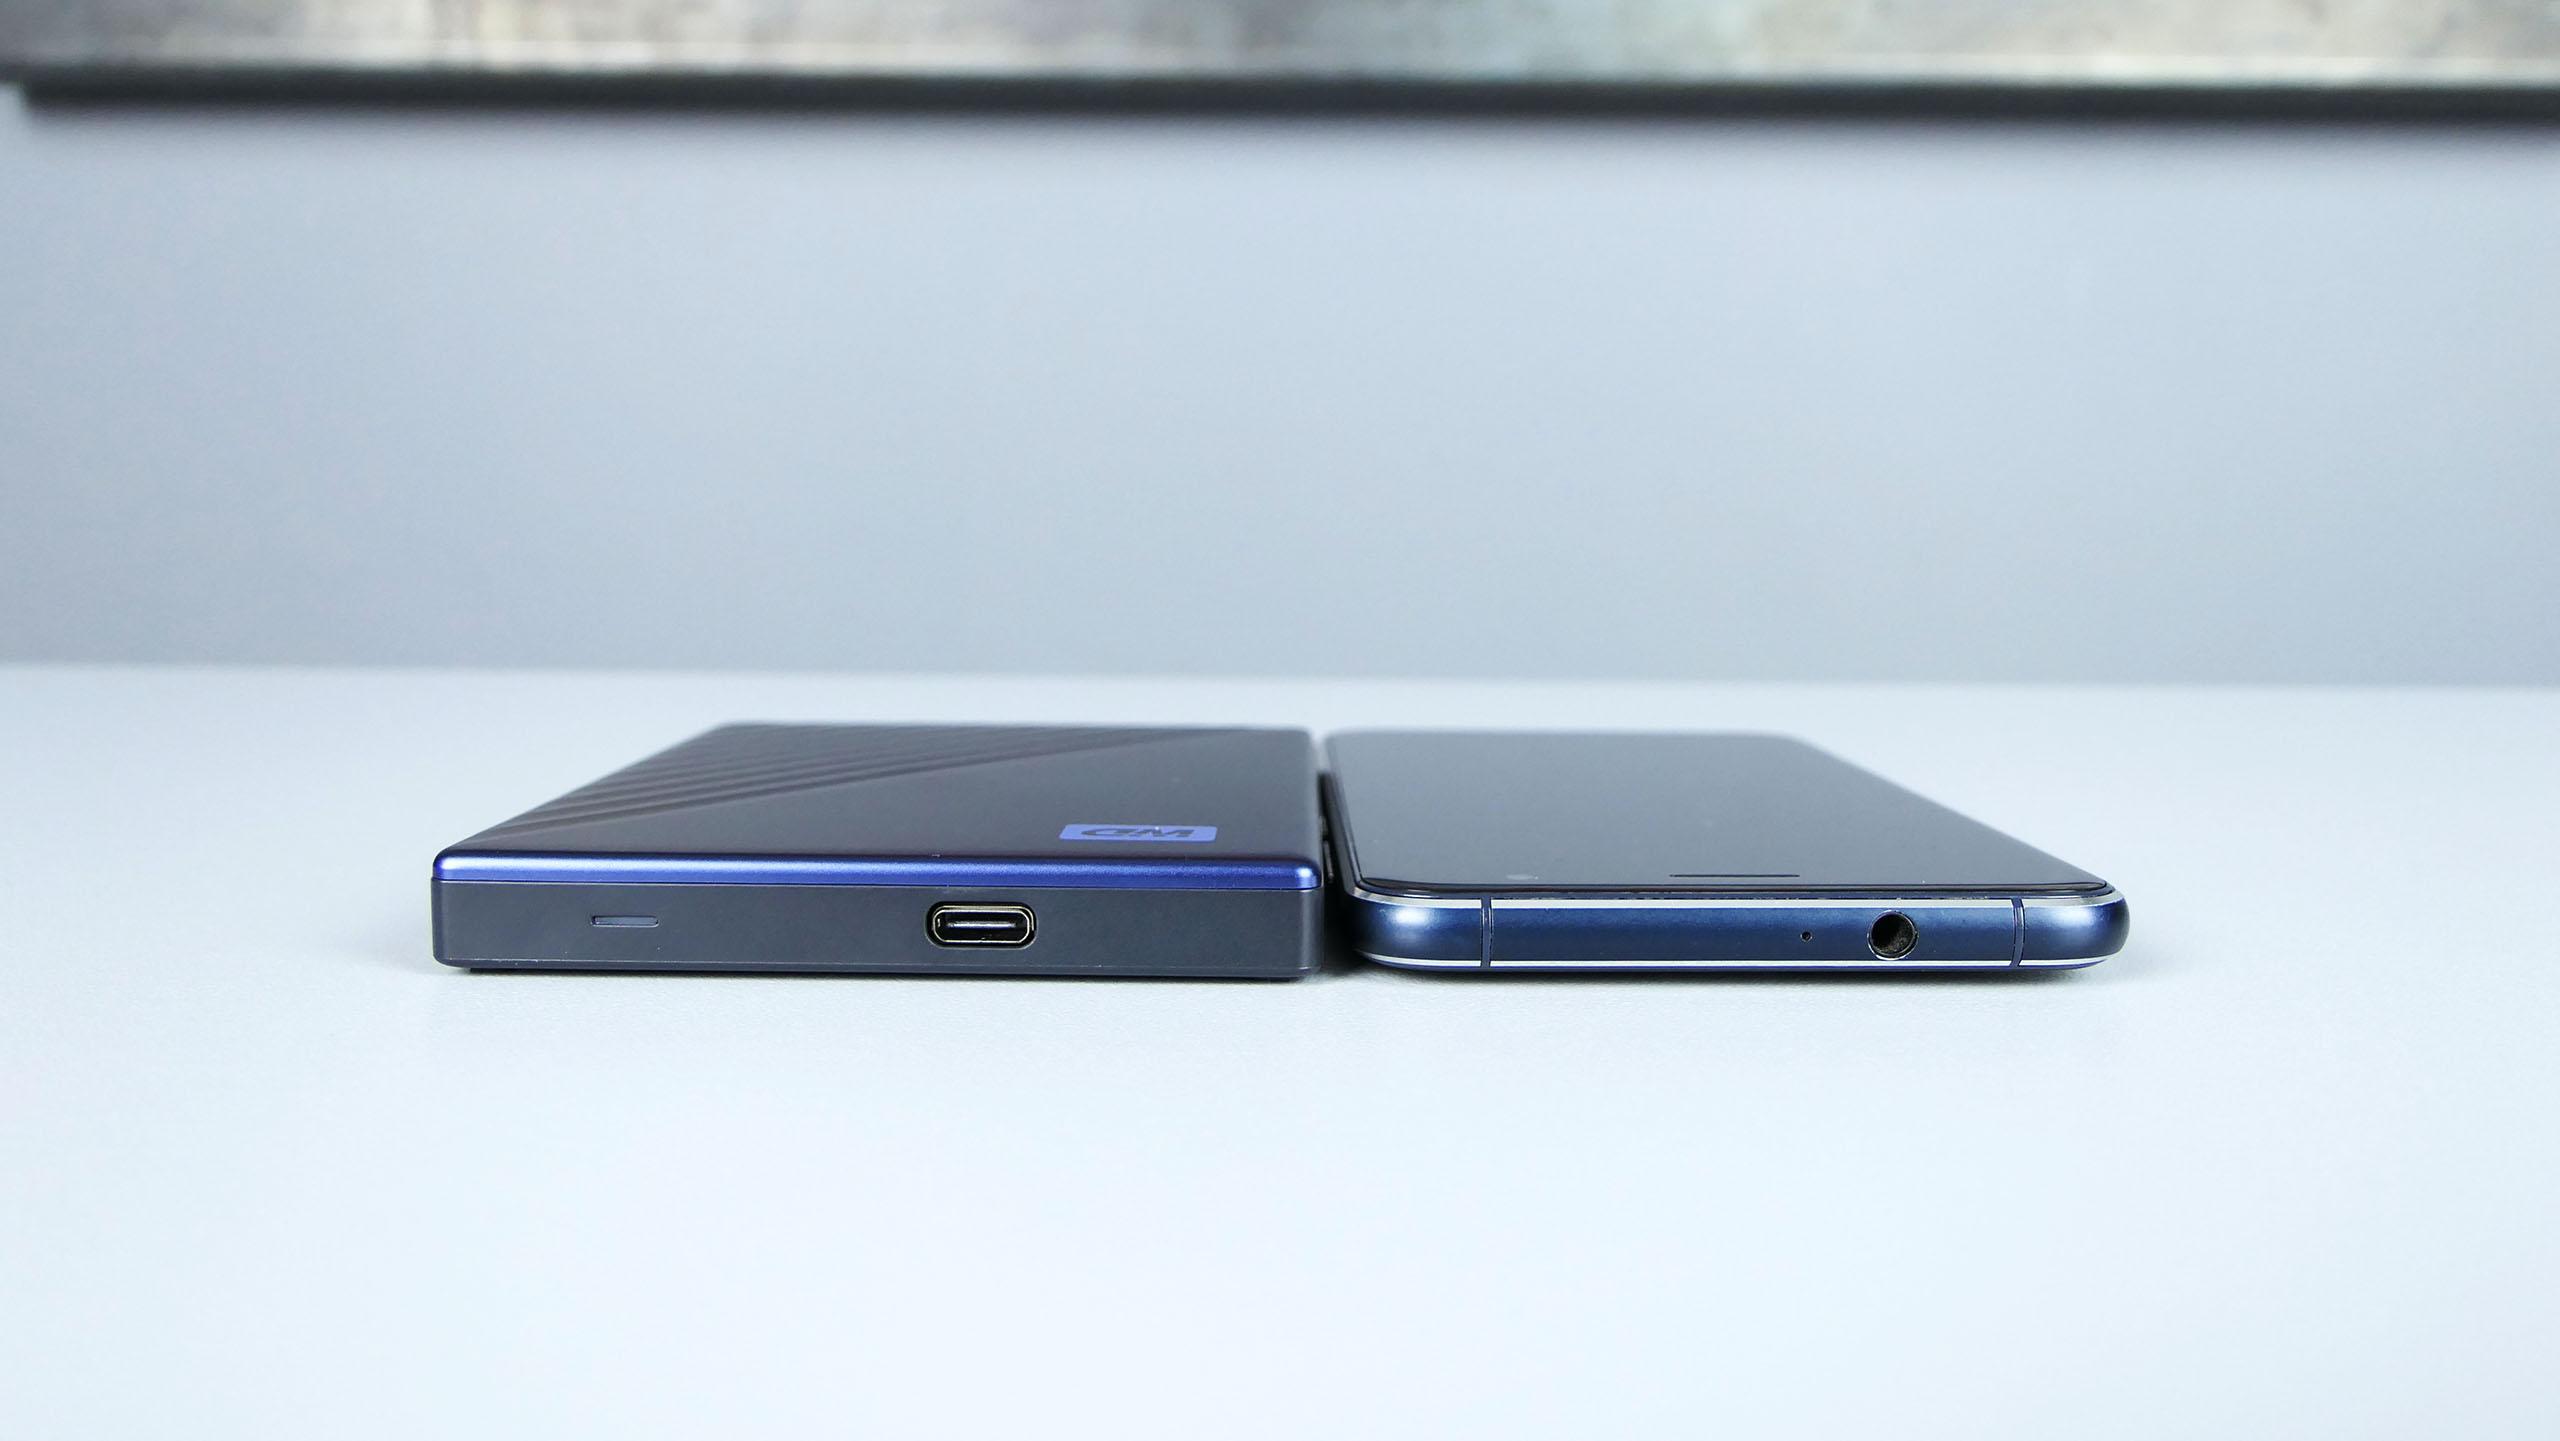 WD My Passport Ultra vs. Asus ZenFone 3